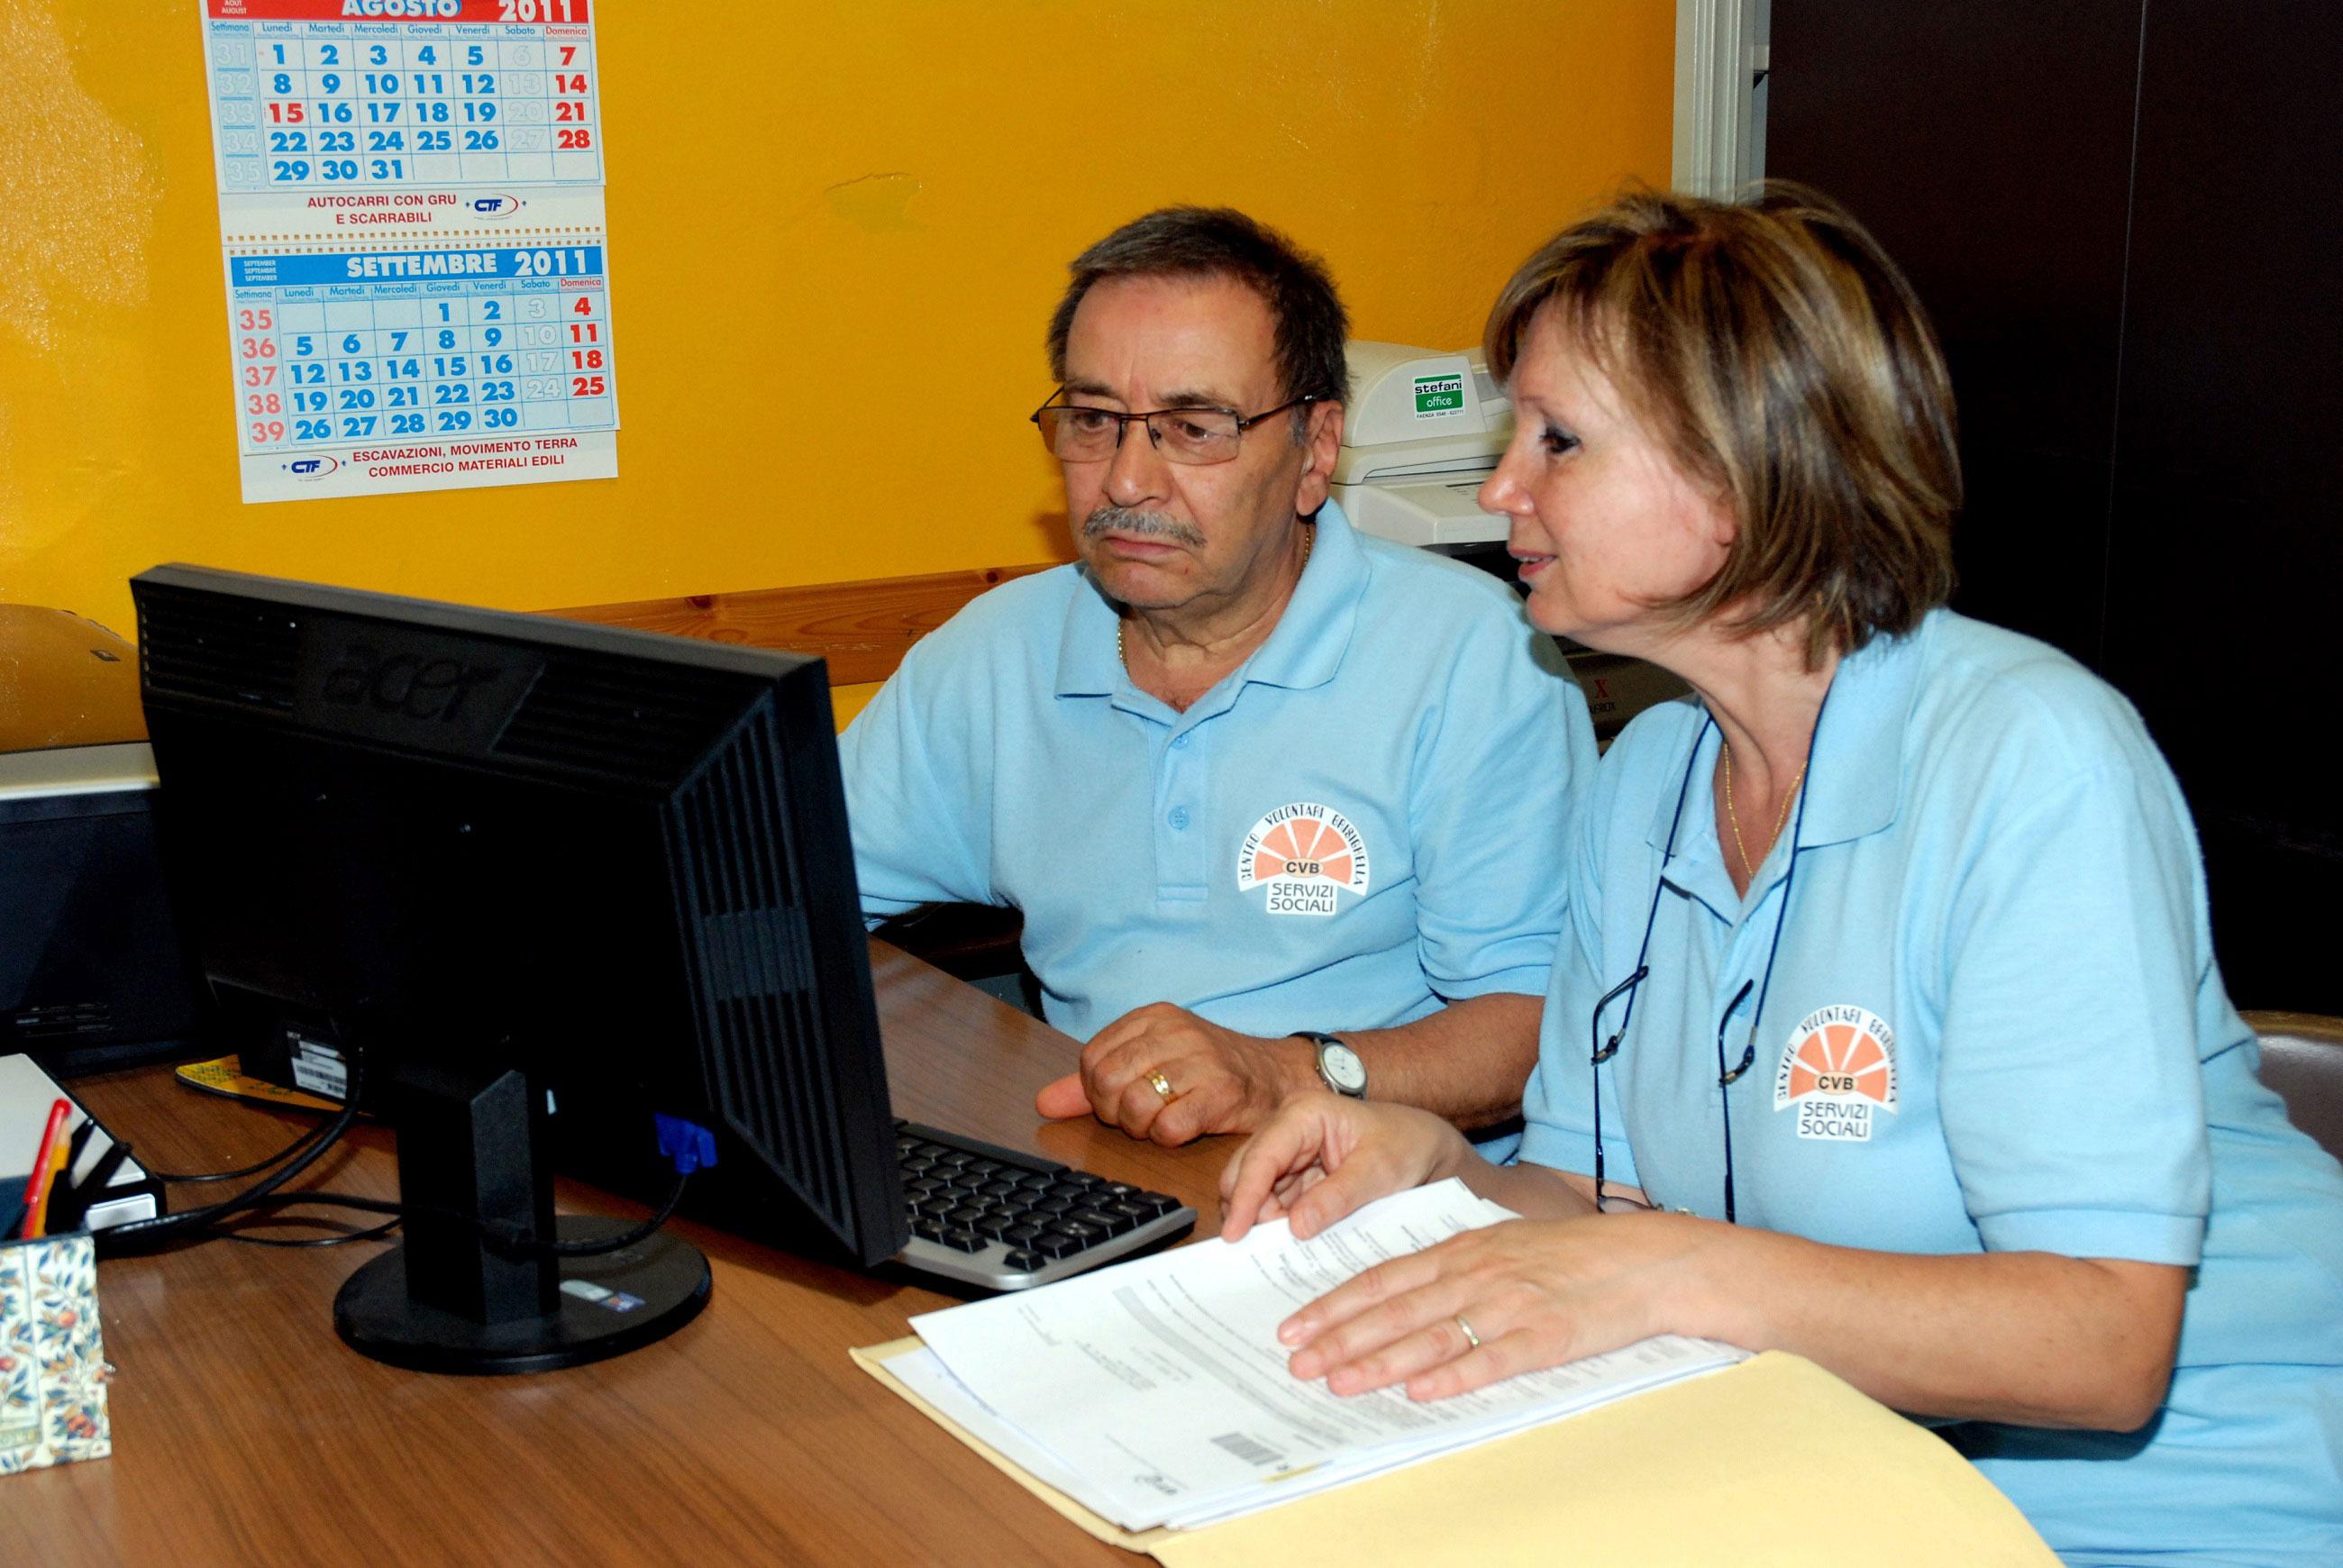 Centro-Volontari-Brisighella-volontari_8